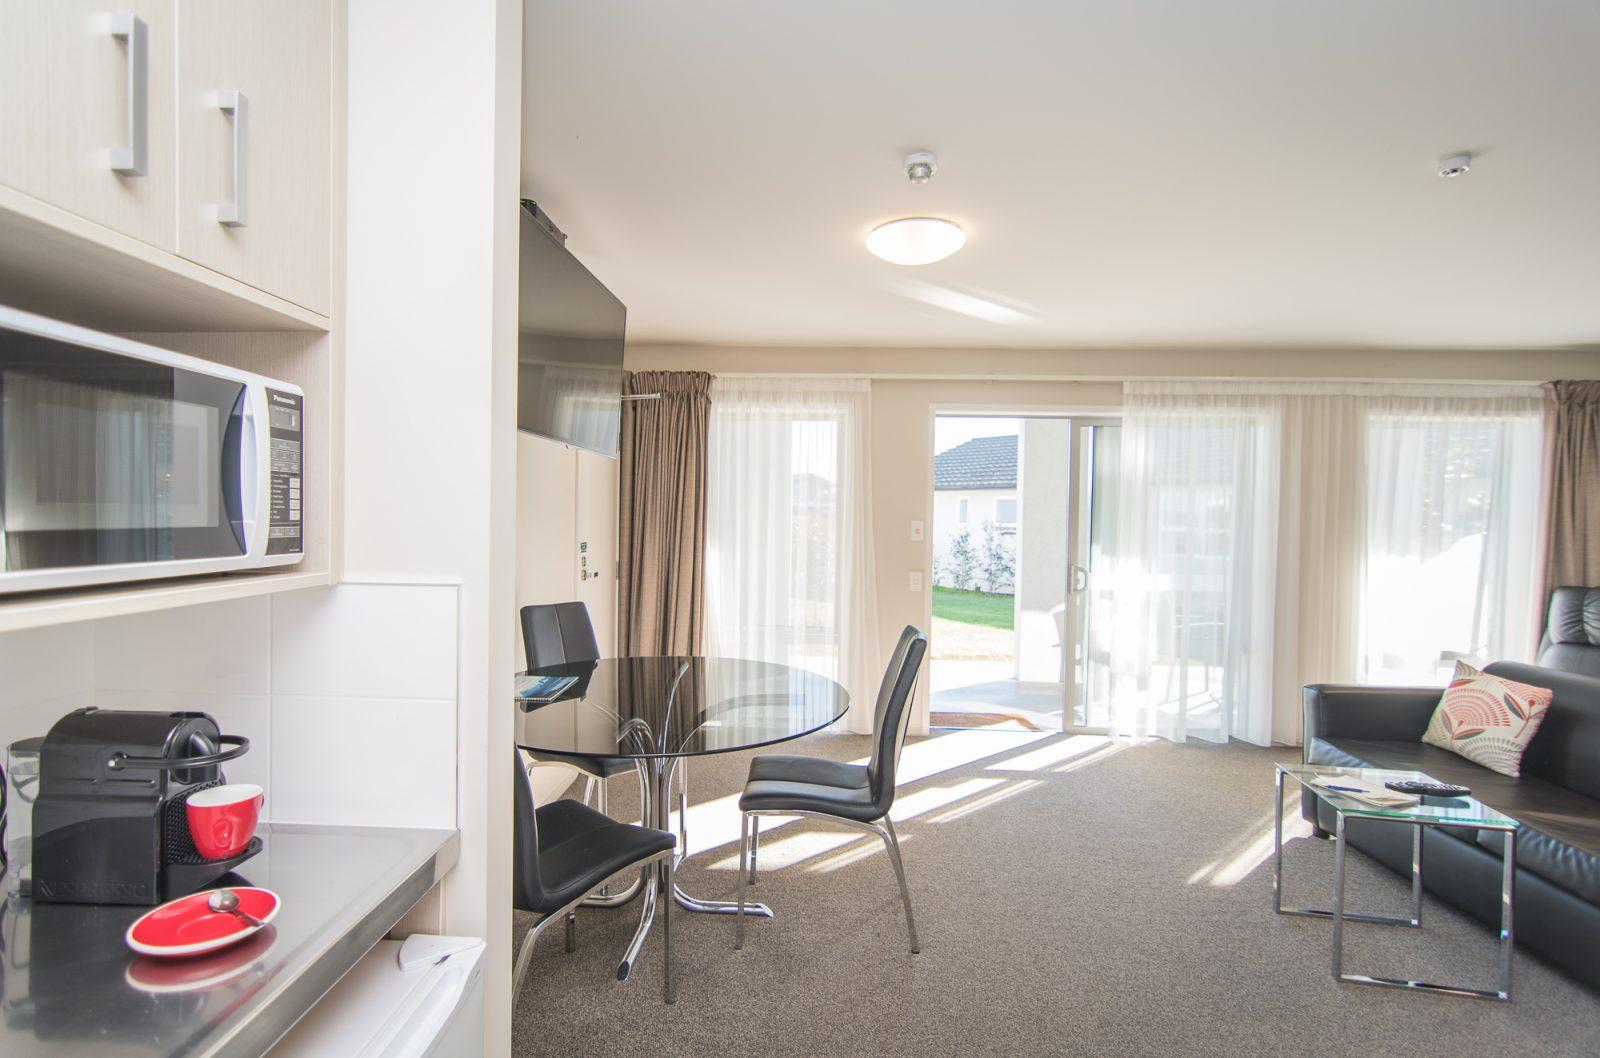 124 One Bedroom